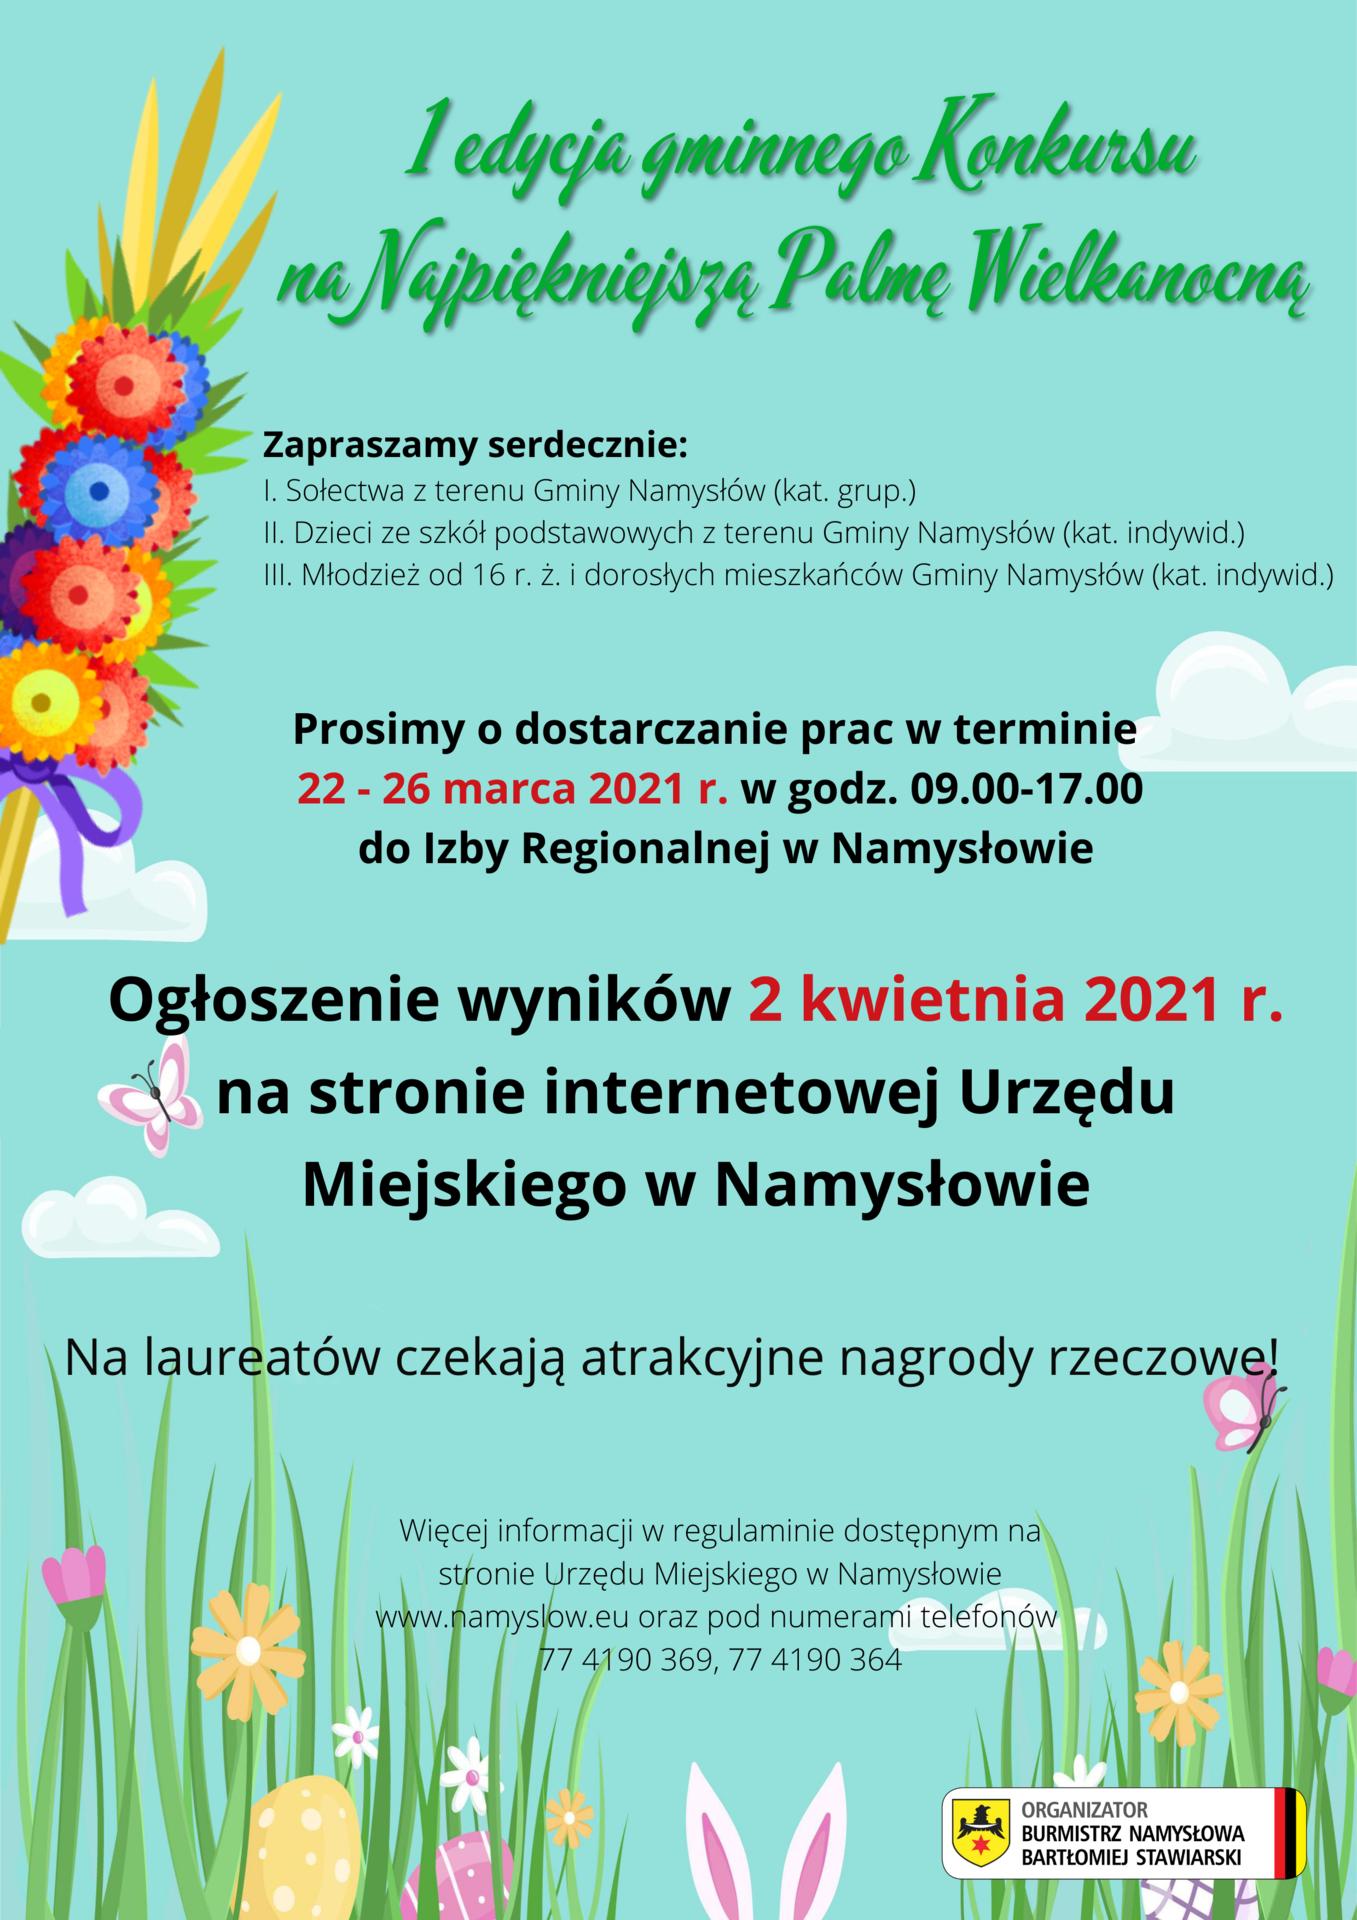 Burmistrz Namysłowa zaprasza do udziału w I edycji gminnego konkursu na najpiękniejszą Palmę Wielkanocną (15).png